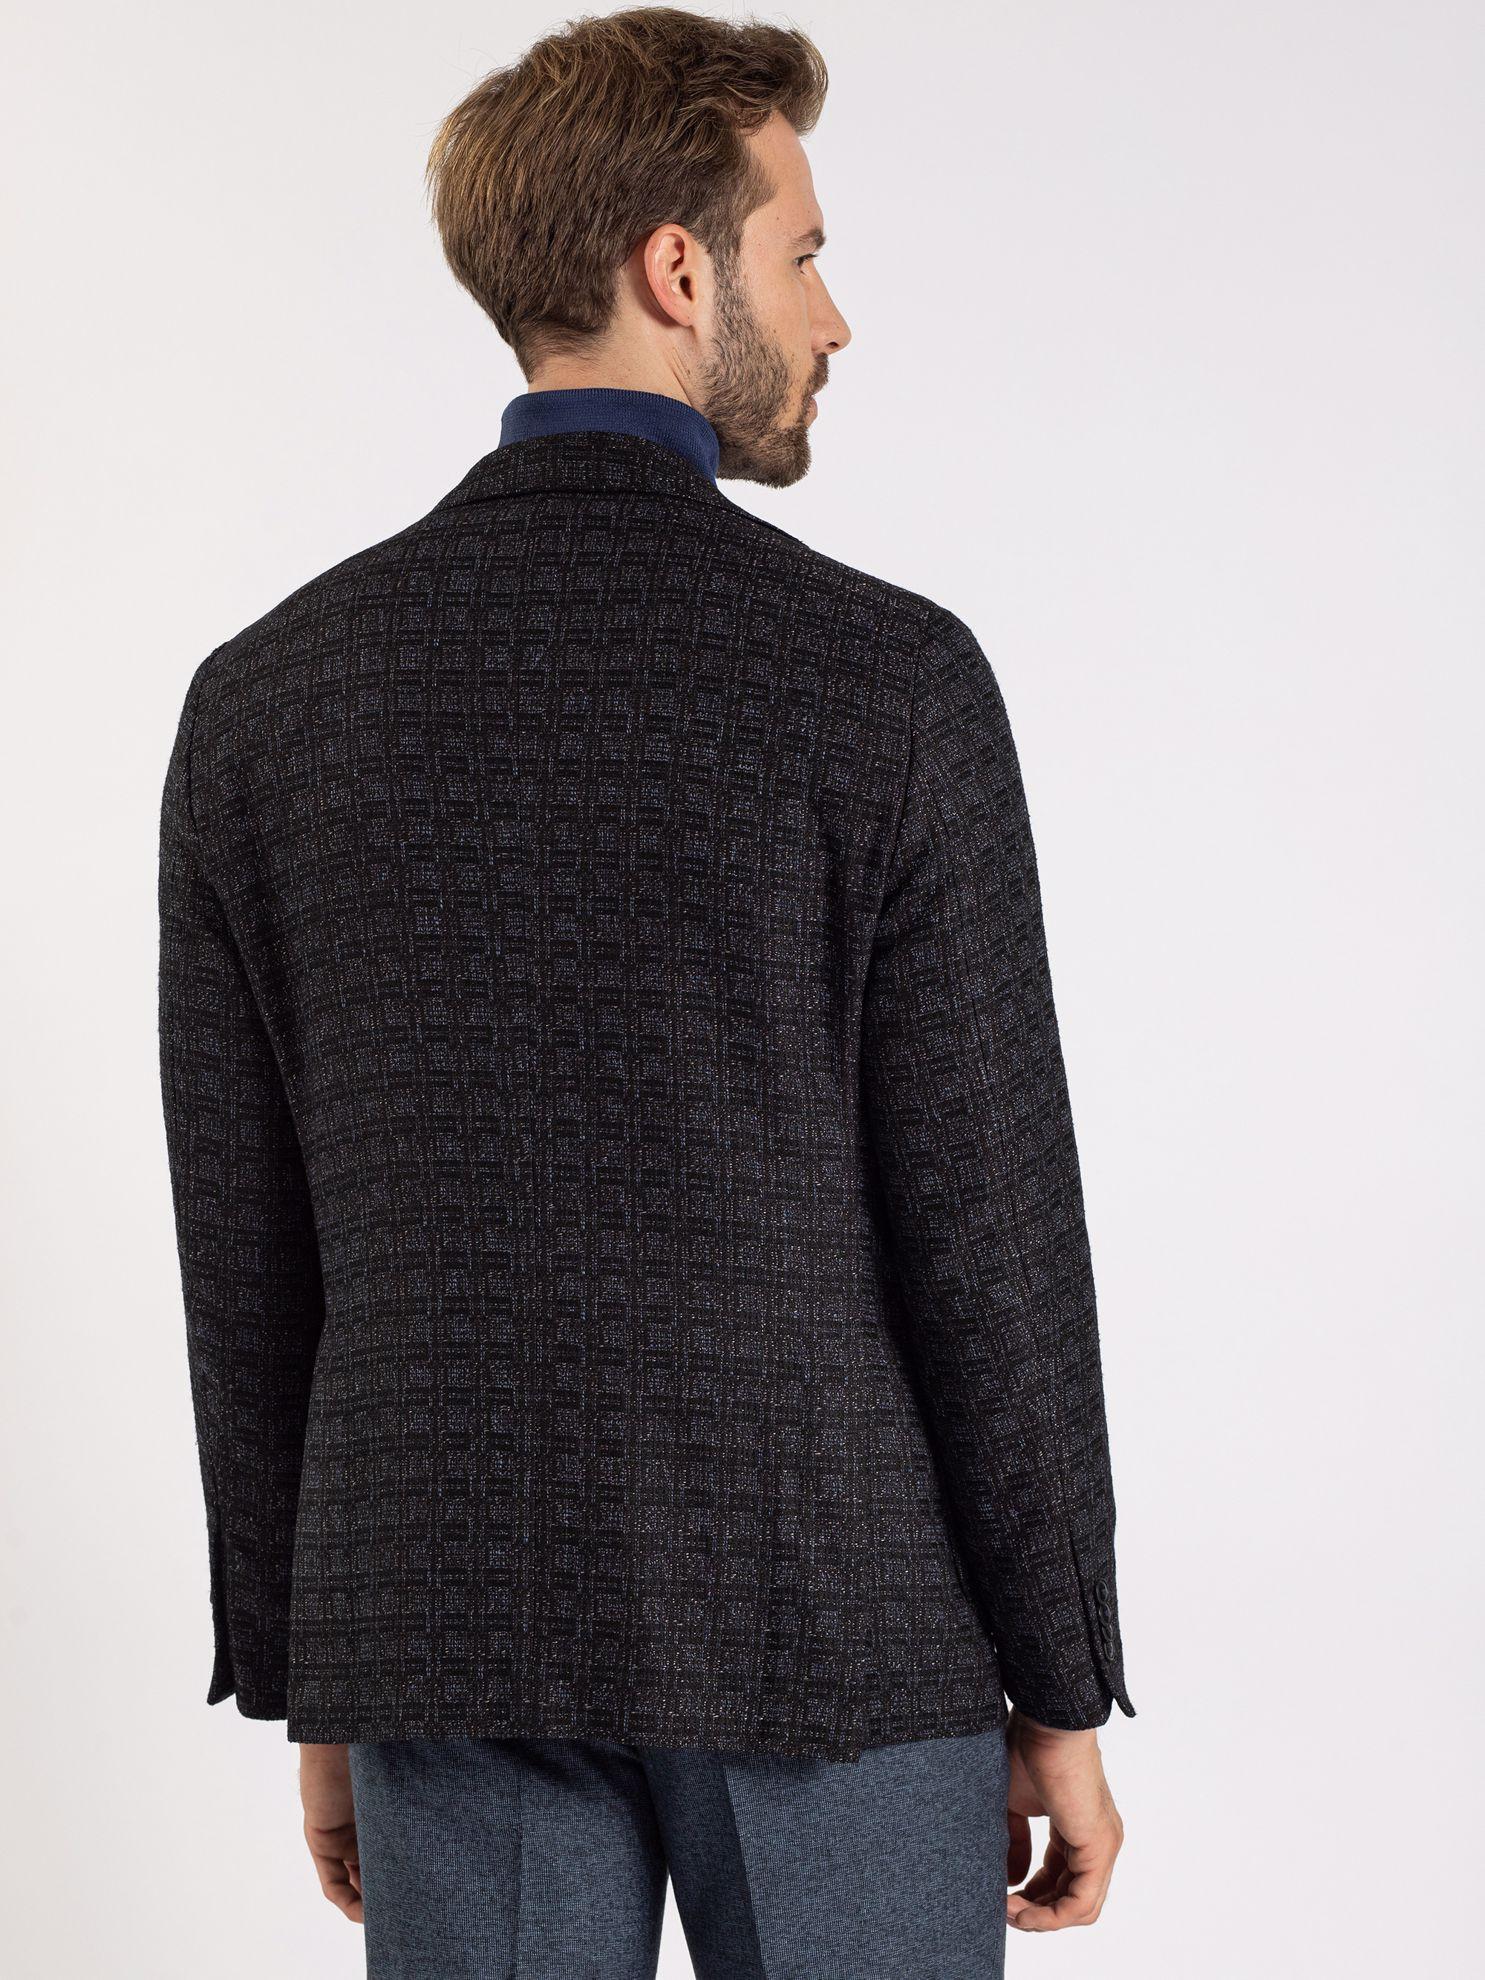 Toss Erkek 6 Drop Ceket-Siyah. ürün görseli